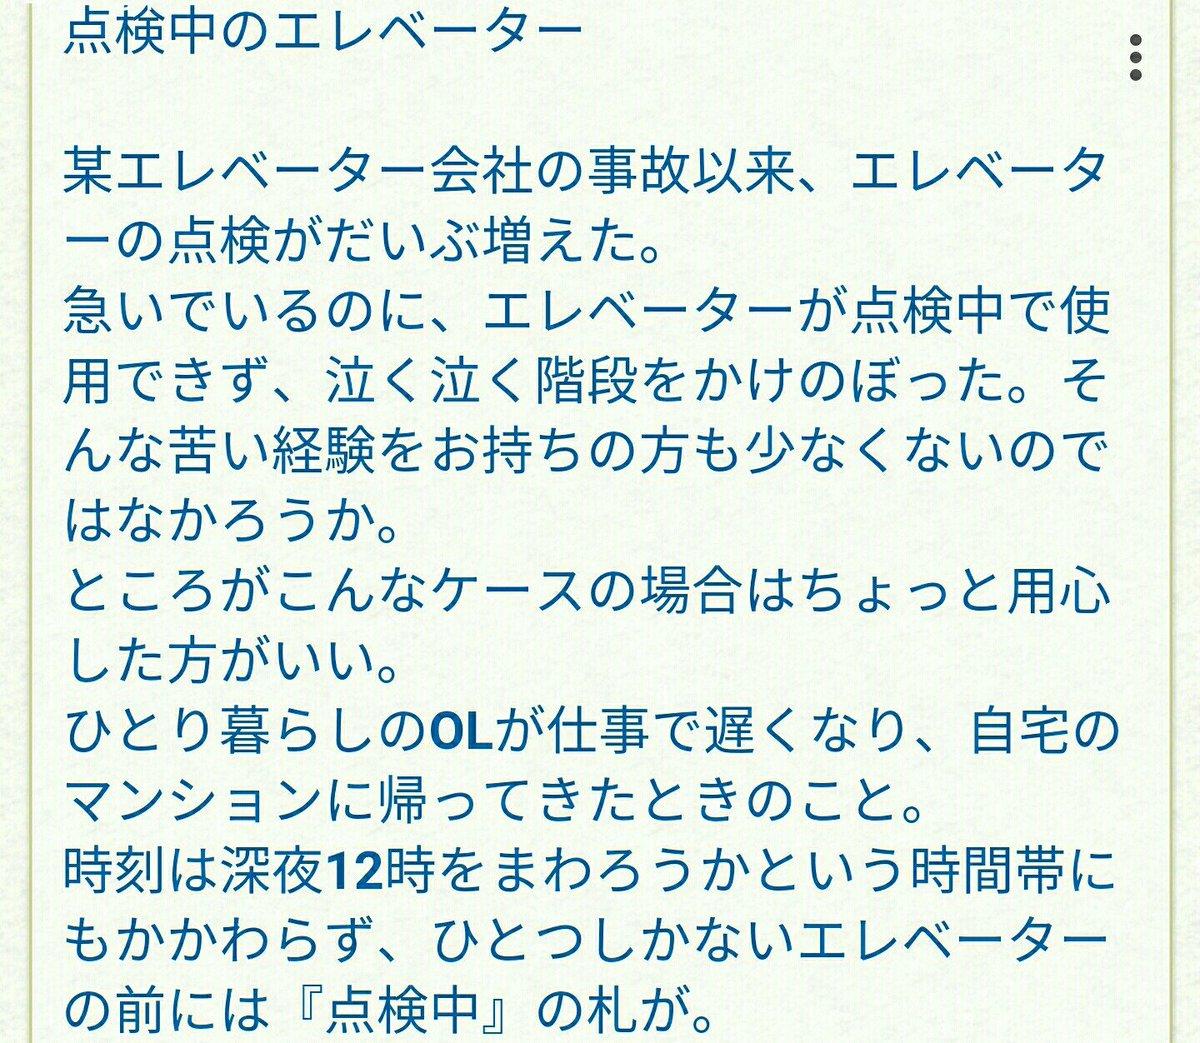 ひぃいいいい((((^p^))))ガタガタ